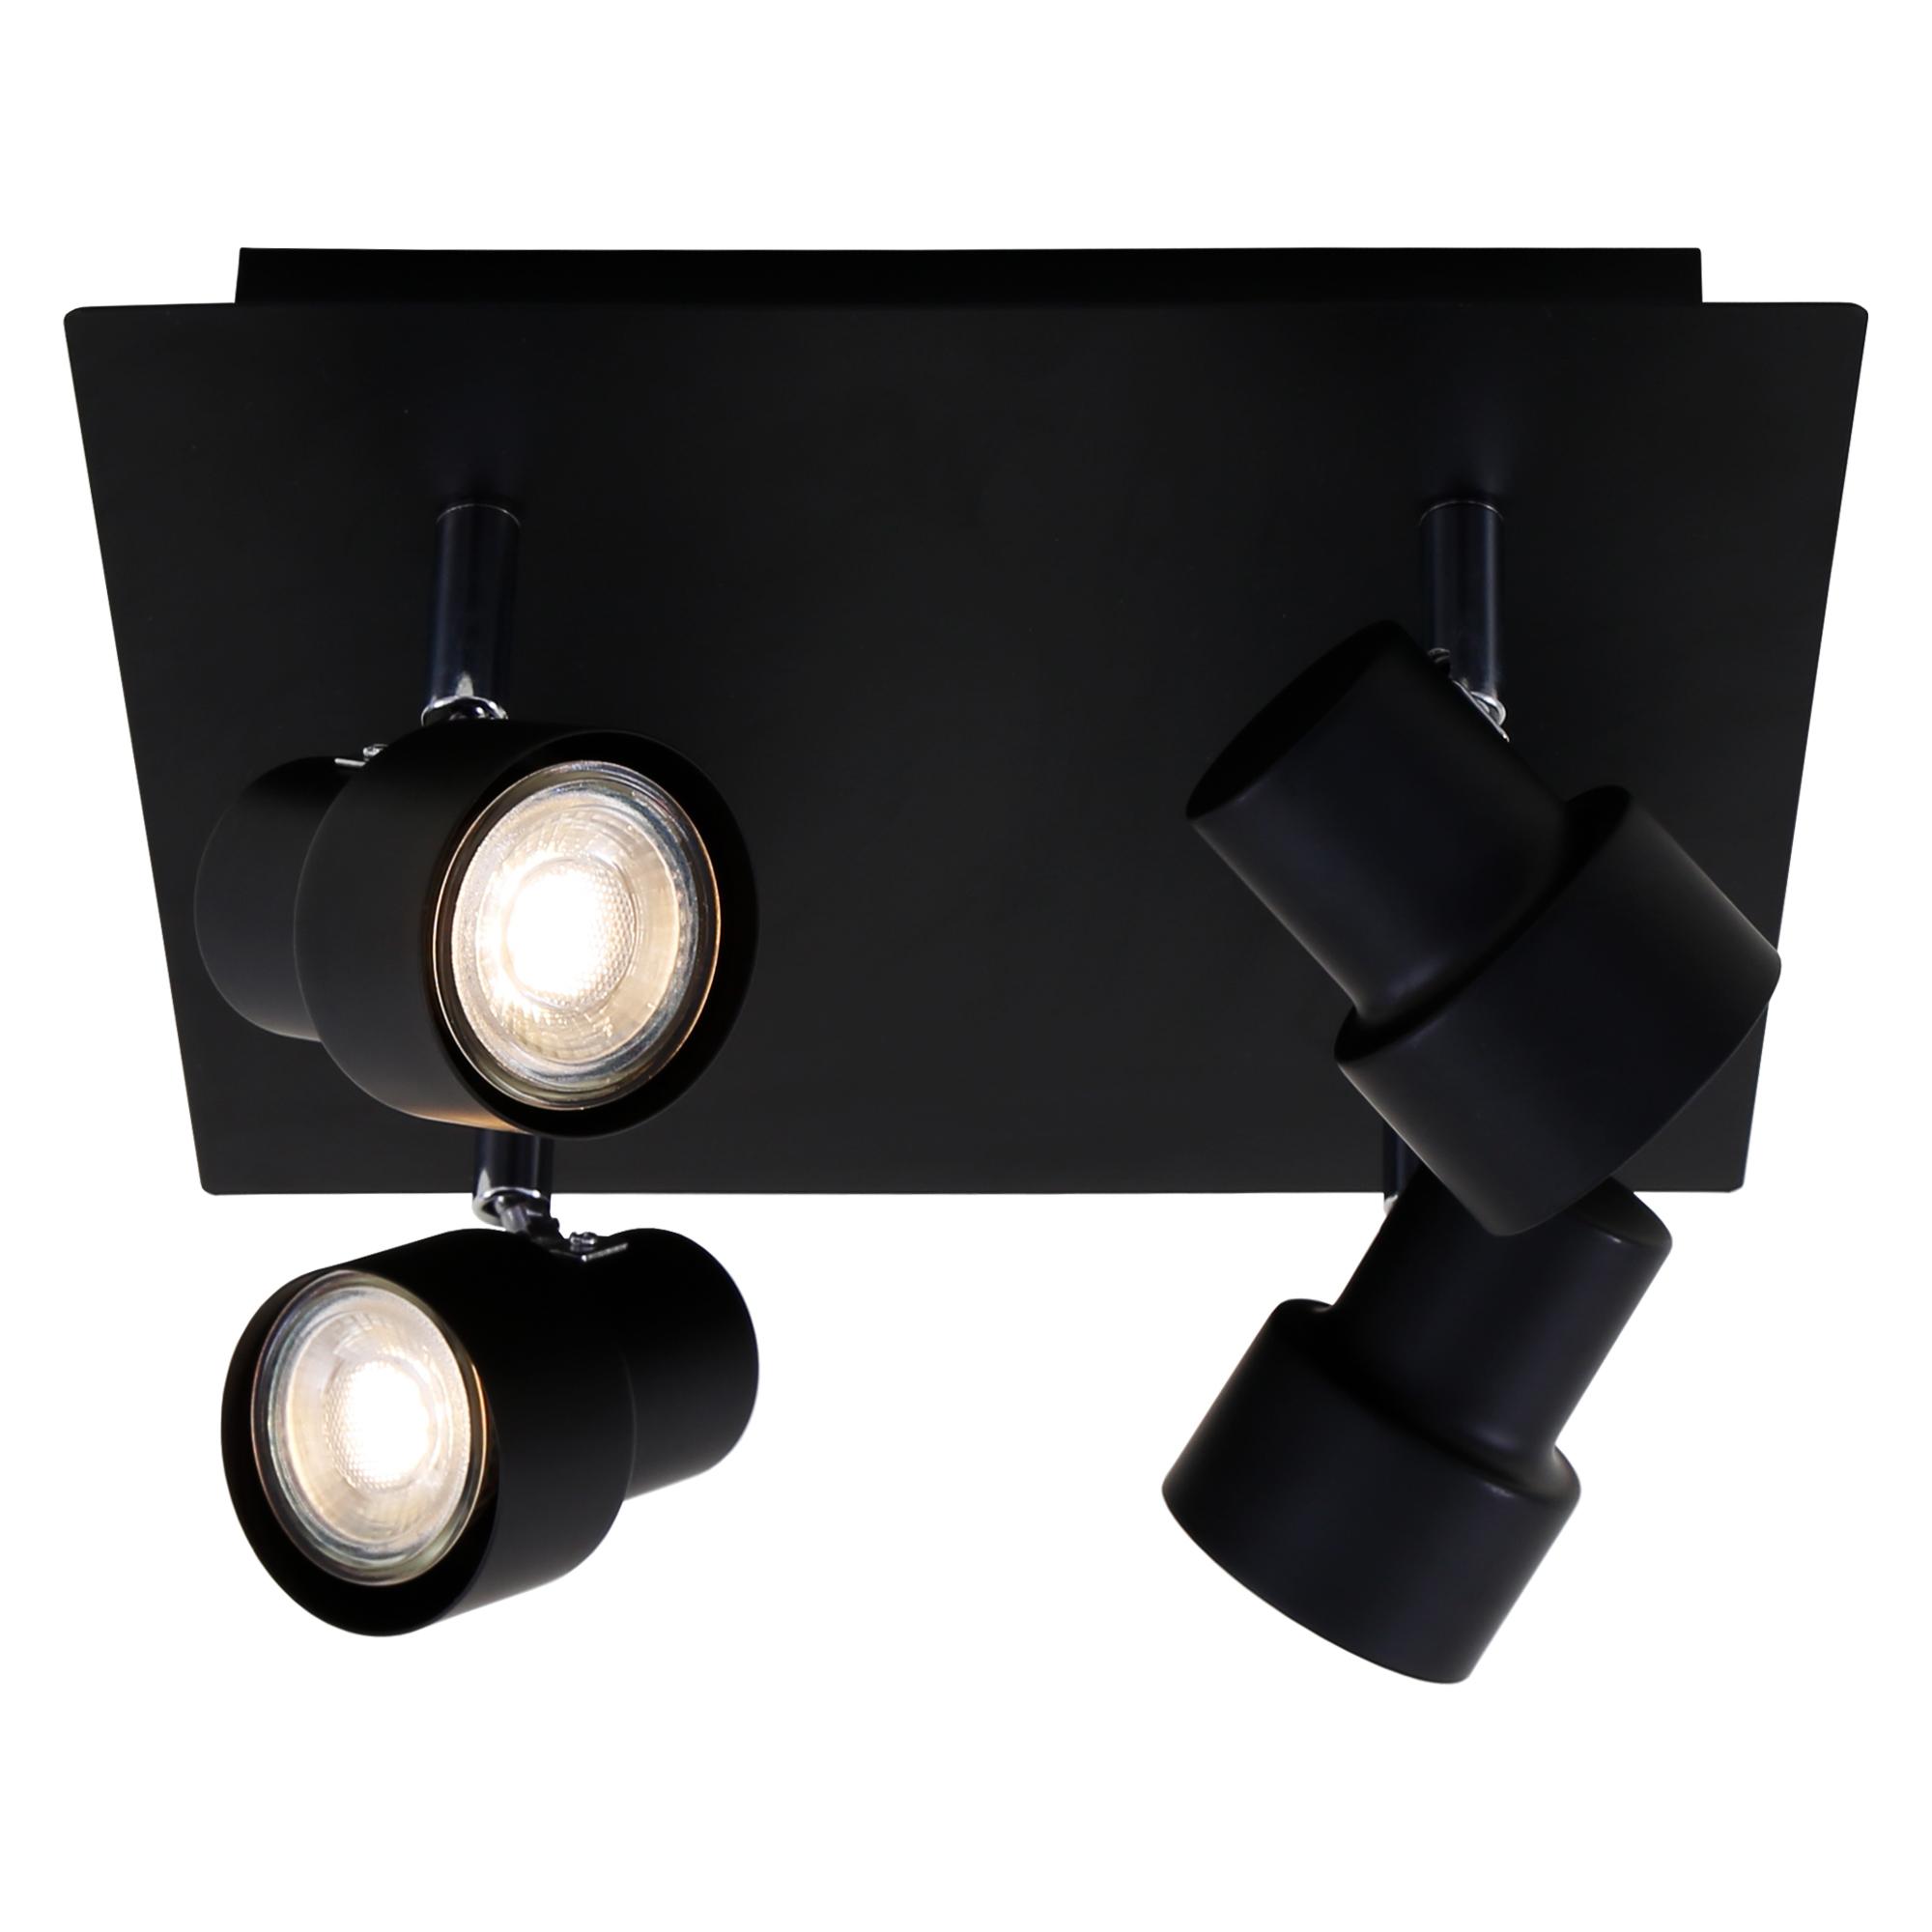 LED Spot Deckenleuchte, 26,5 cm, 20 W, Schwarz